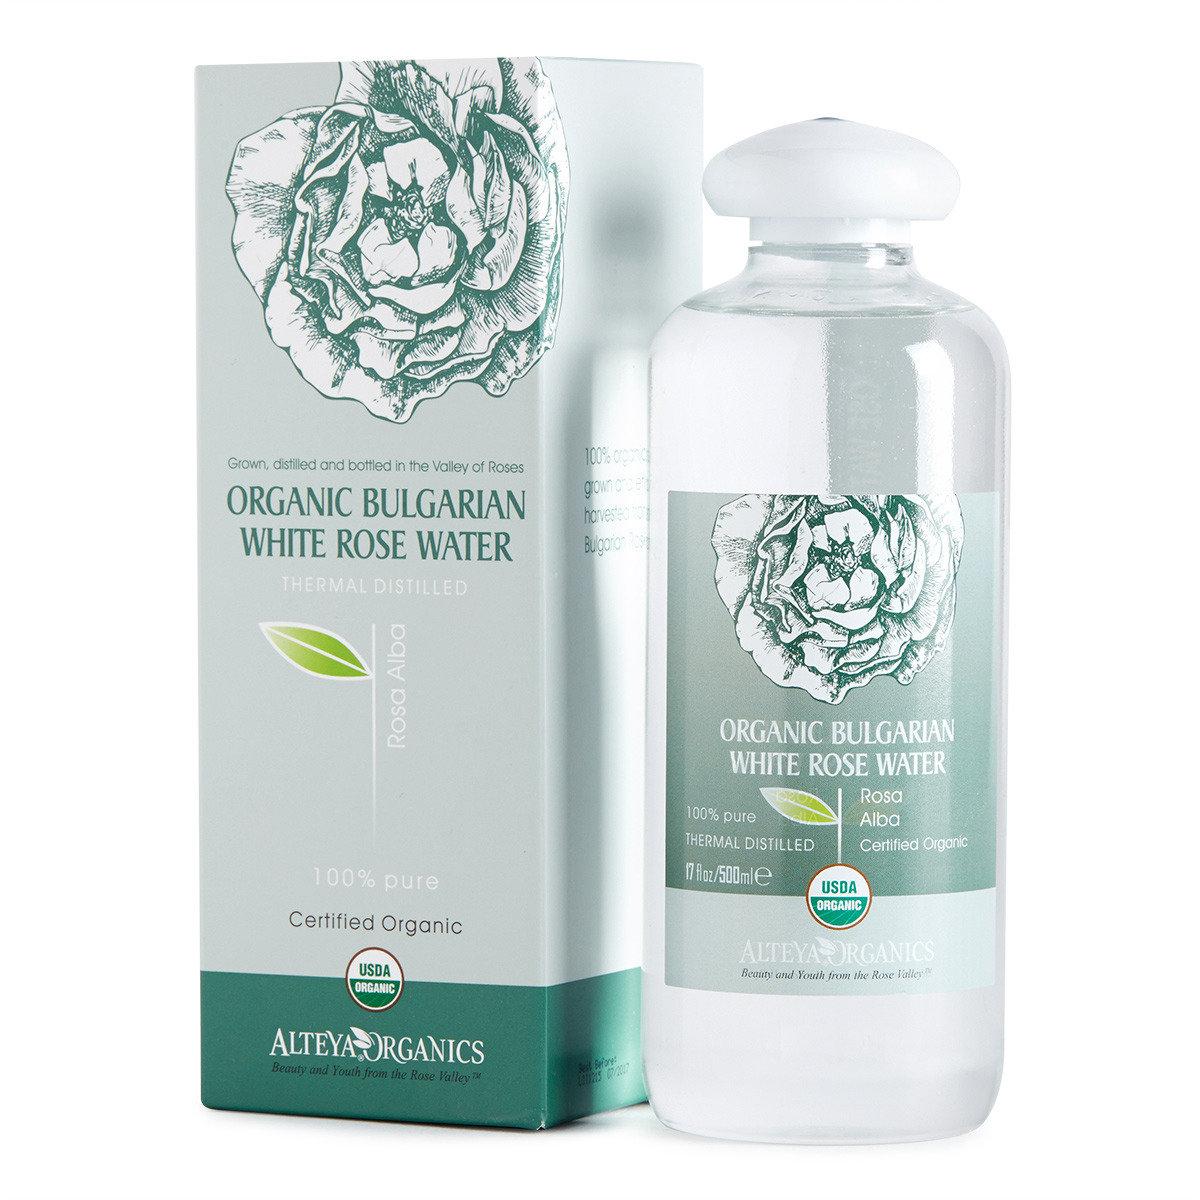 有機白玫瑰花水 (500ml)